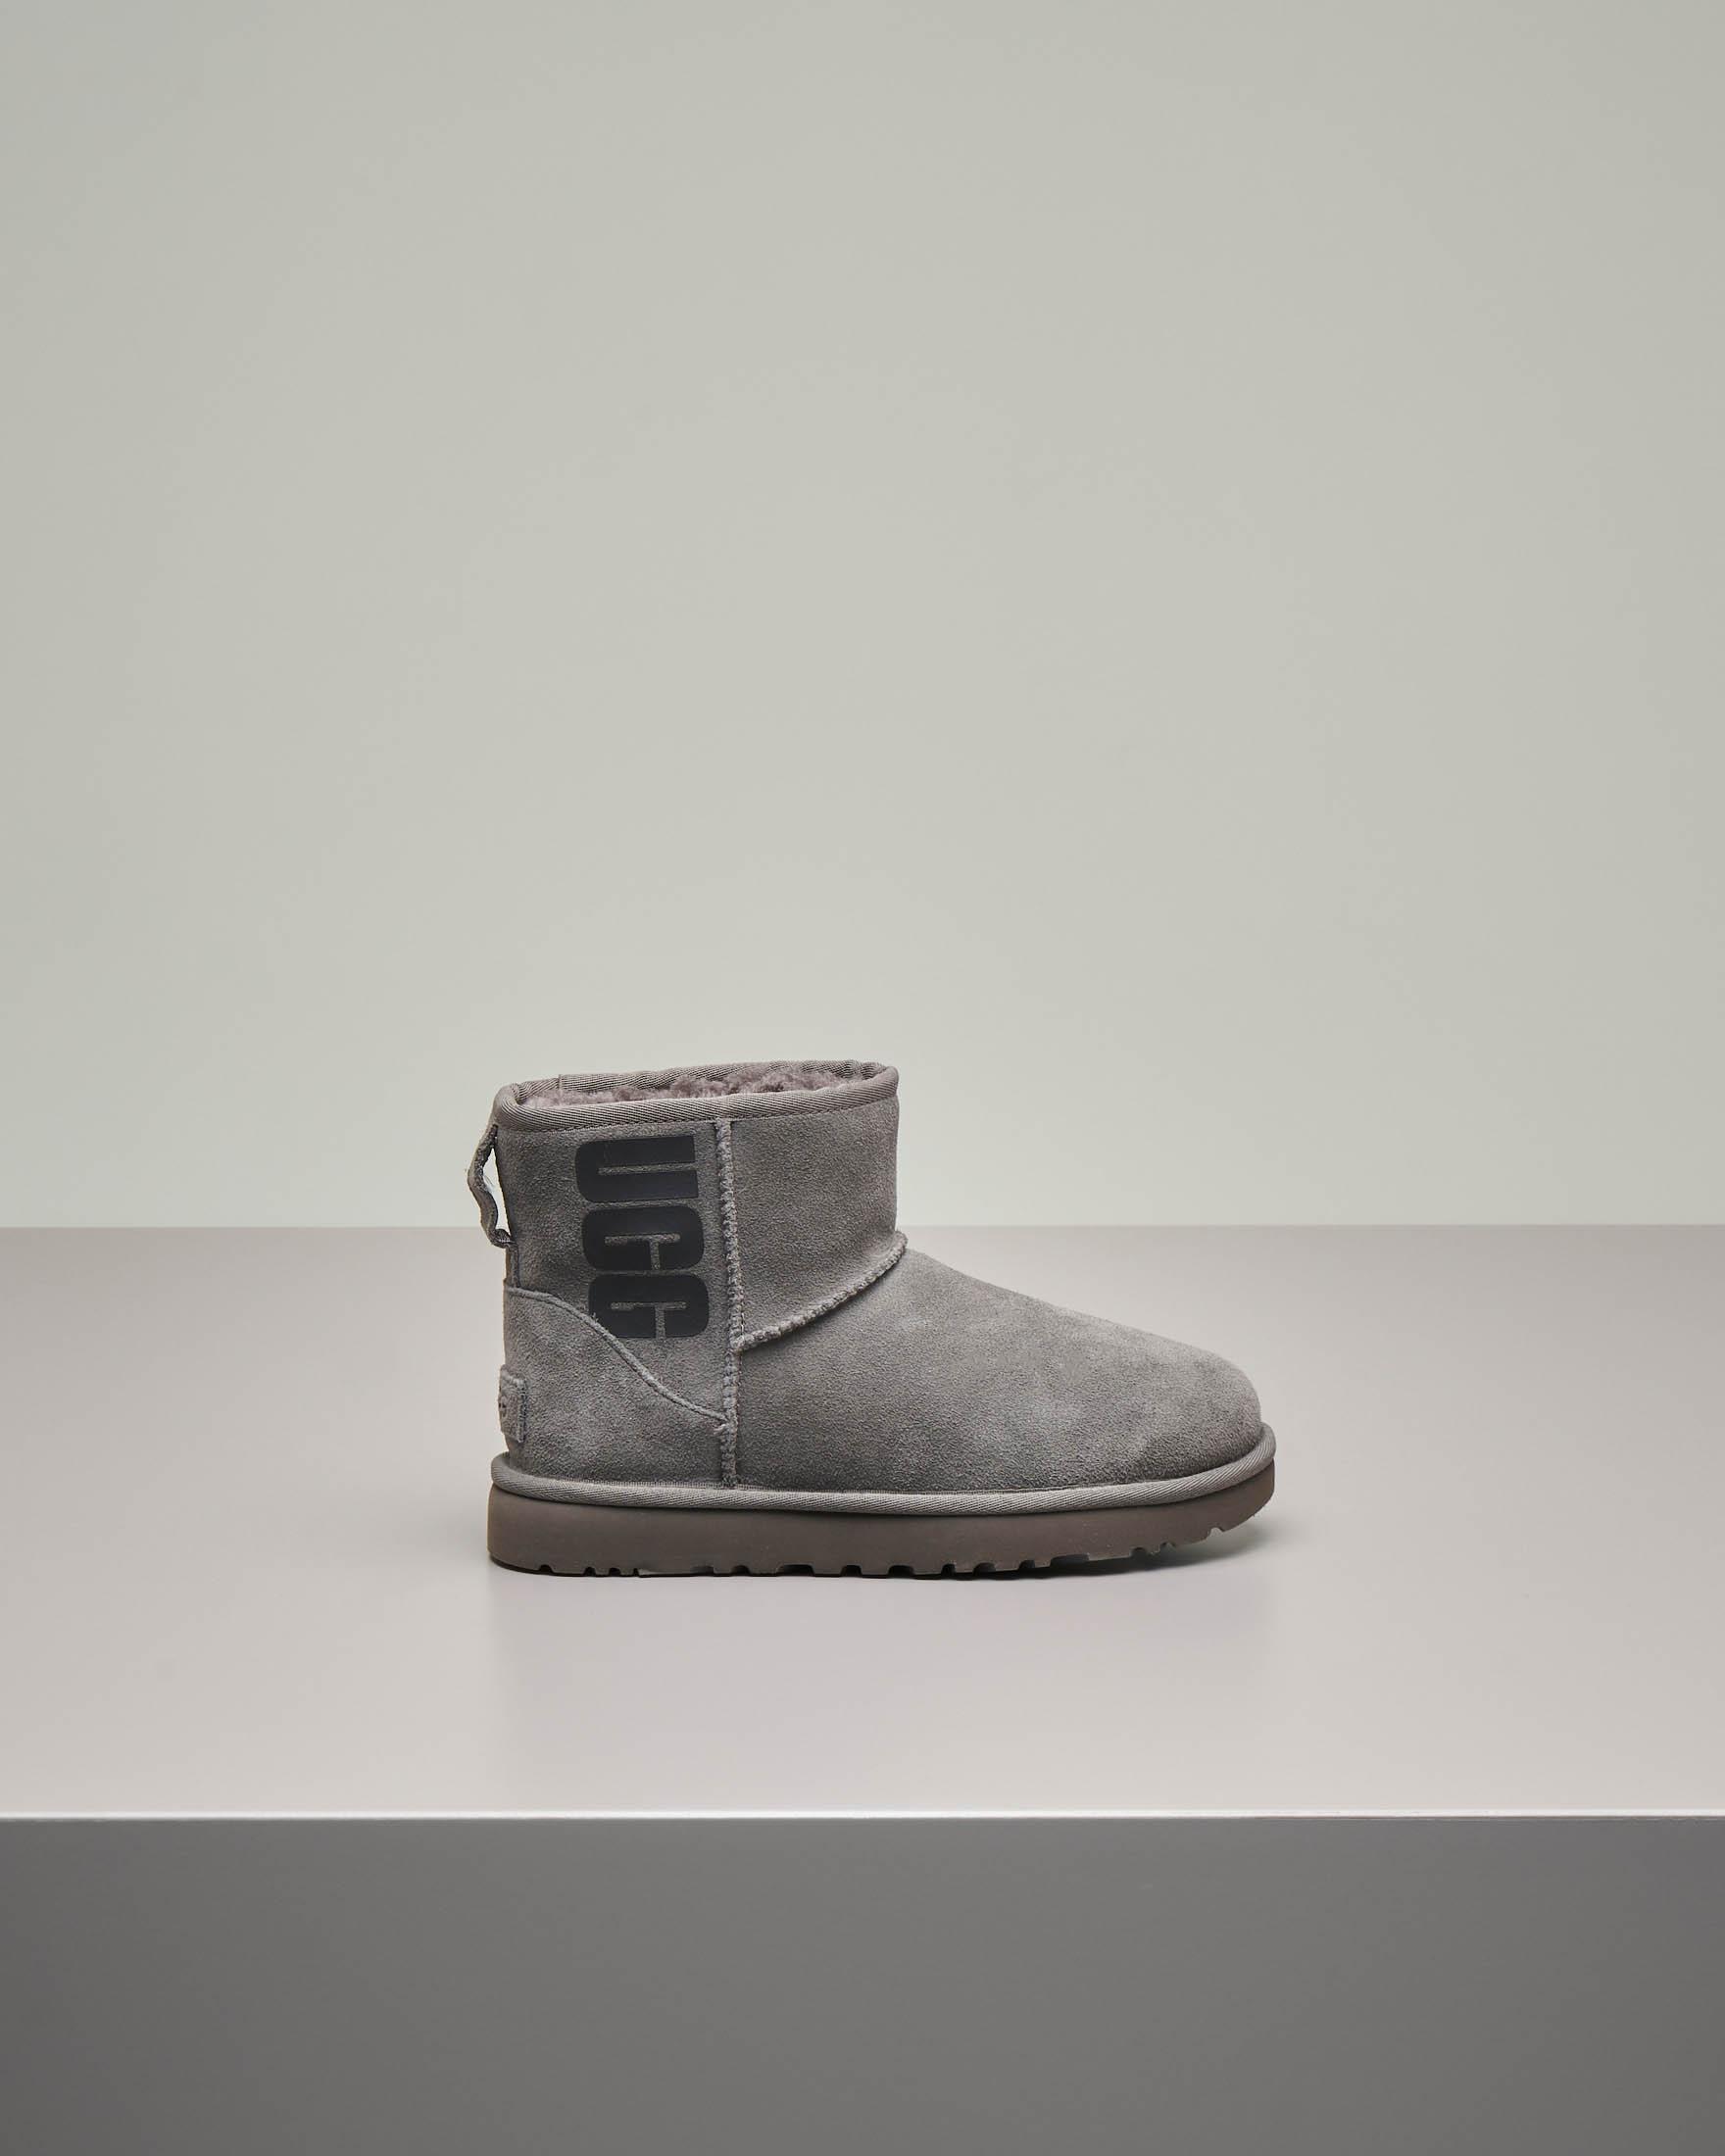 Mini stivale grigio in montone con max scritta logo stampata sui lati